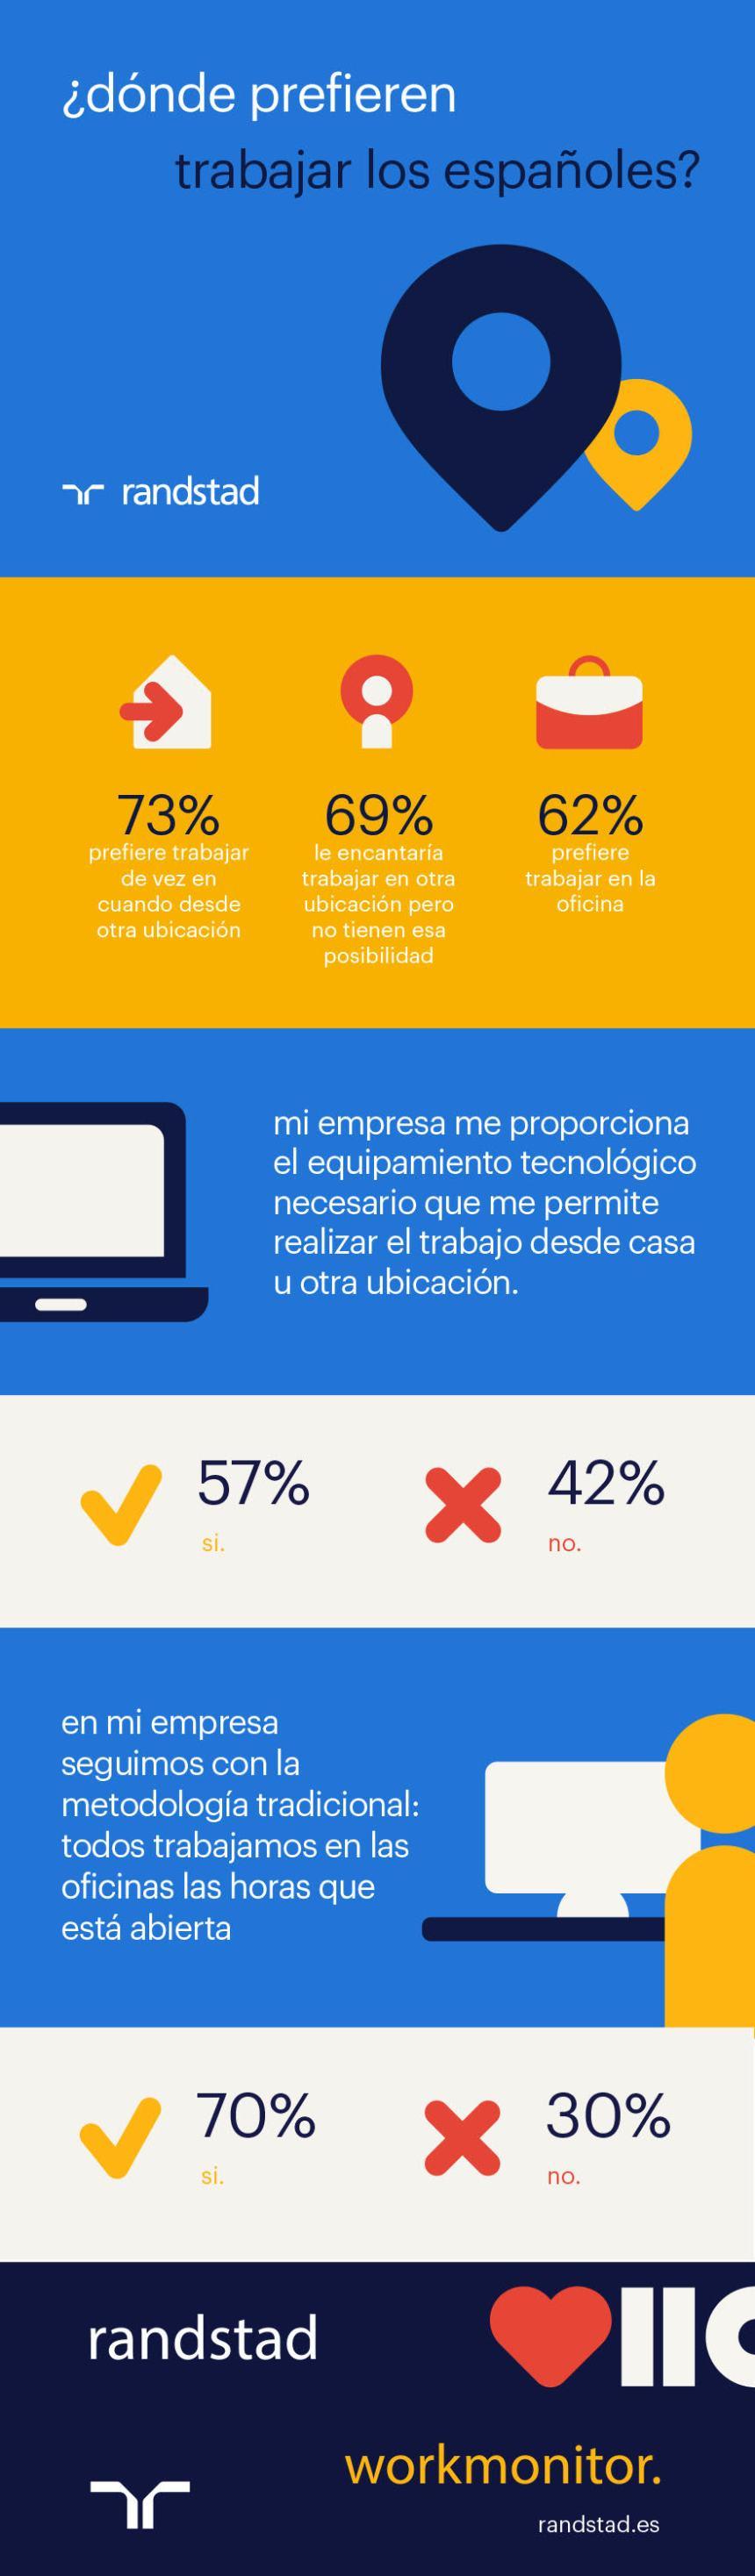 Dónde prefieren trabajar los españoles